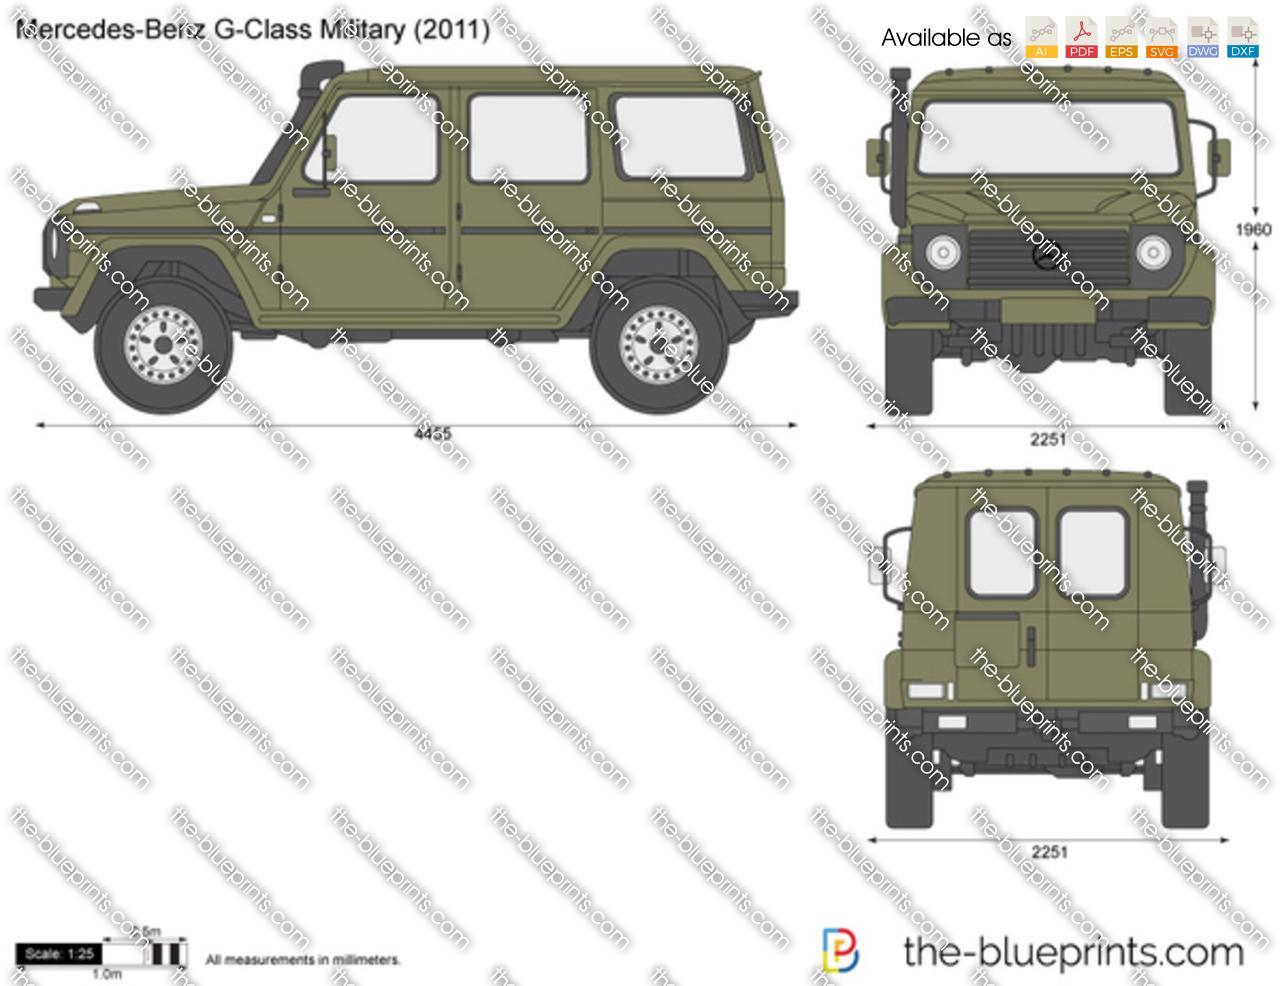 Mercedes-Benz G-Class Military 461 1995